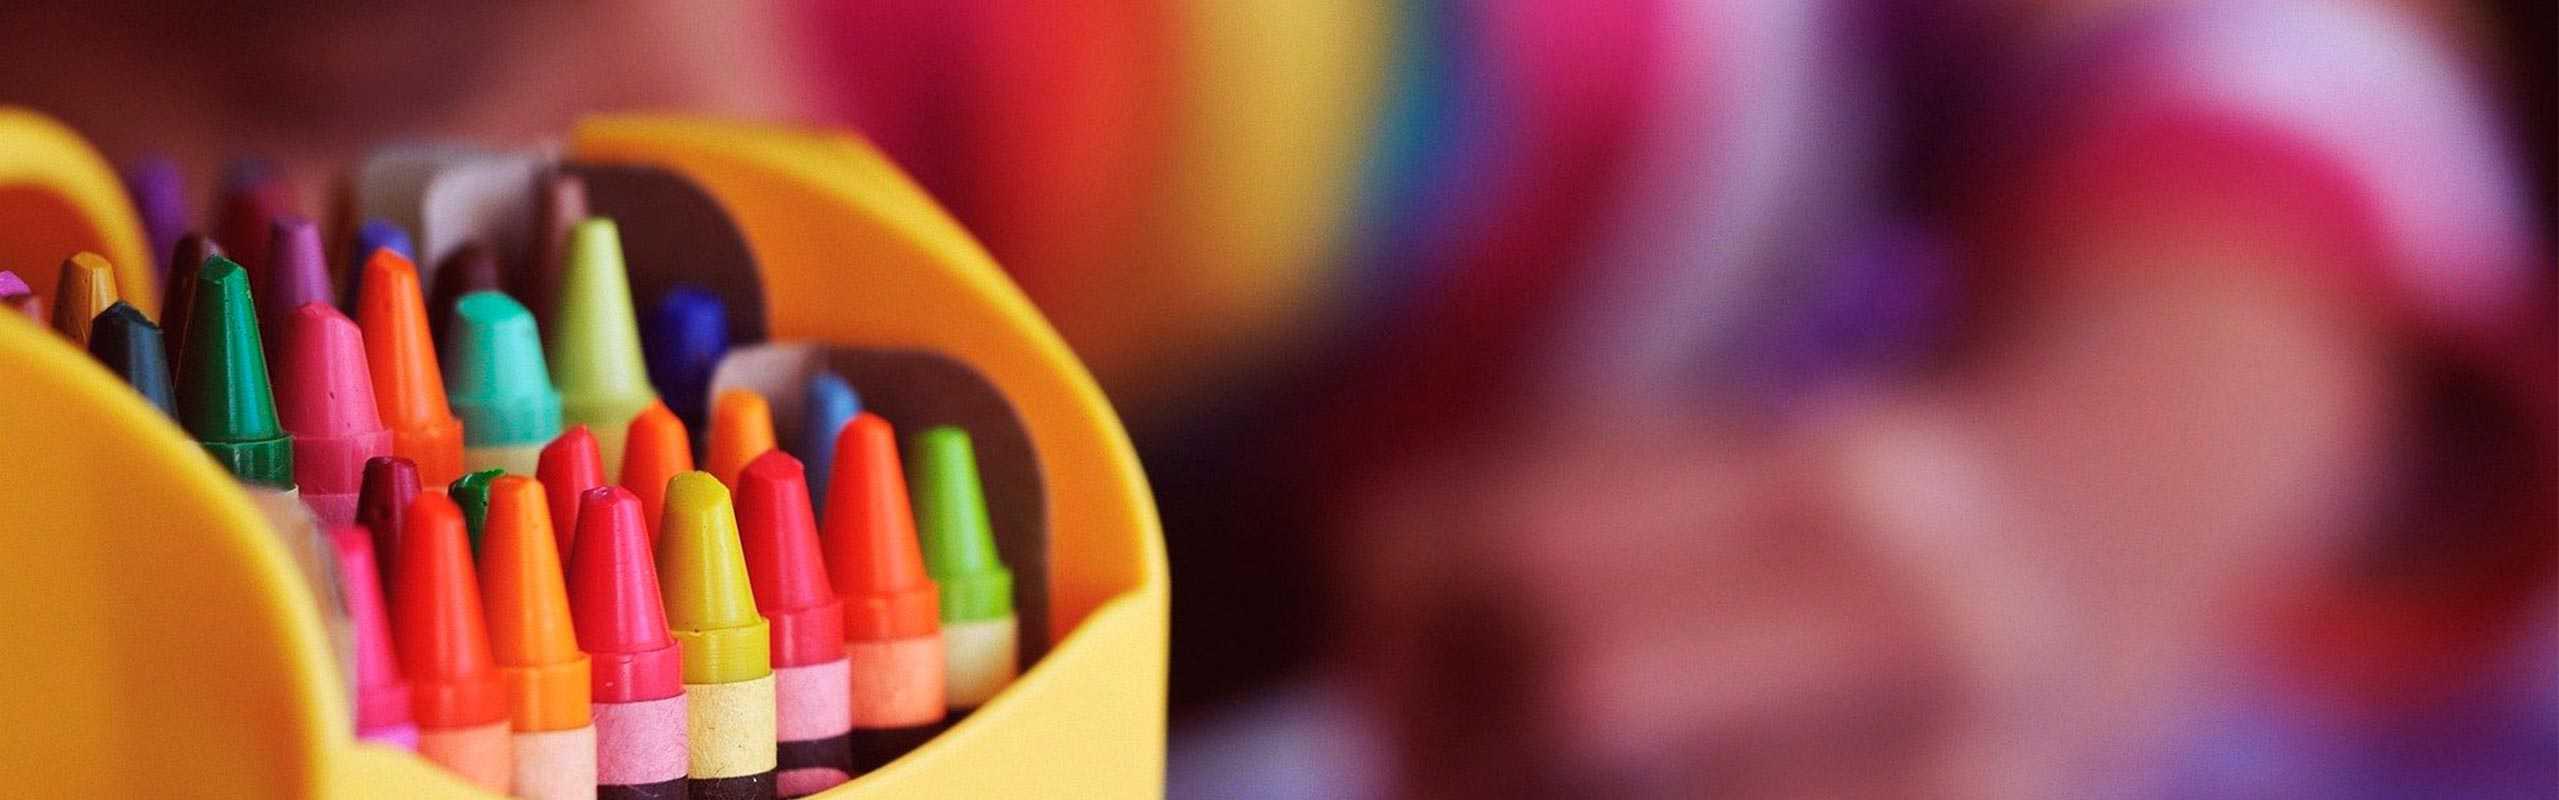 Conoce los beneficios de los talleres para niños